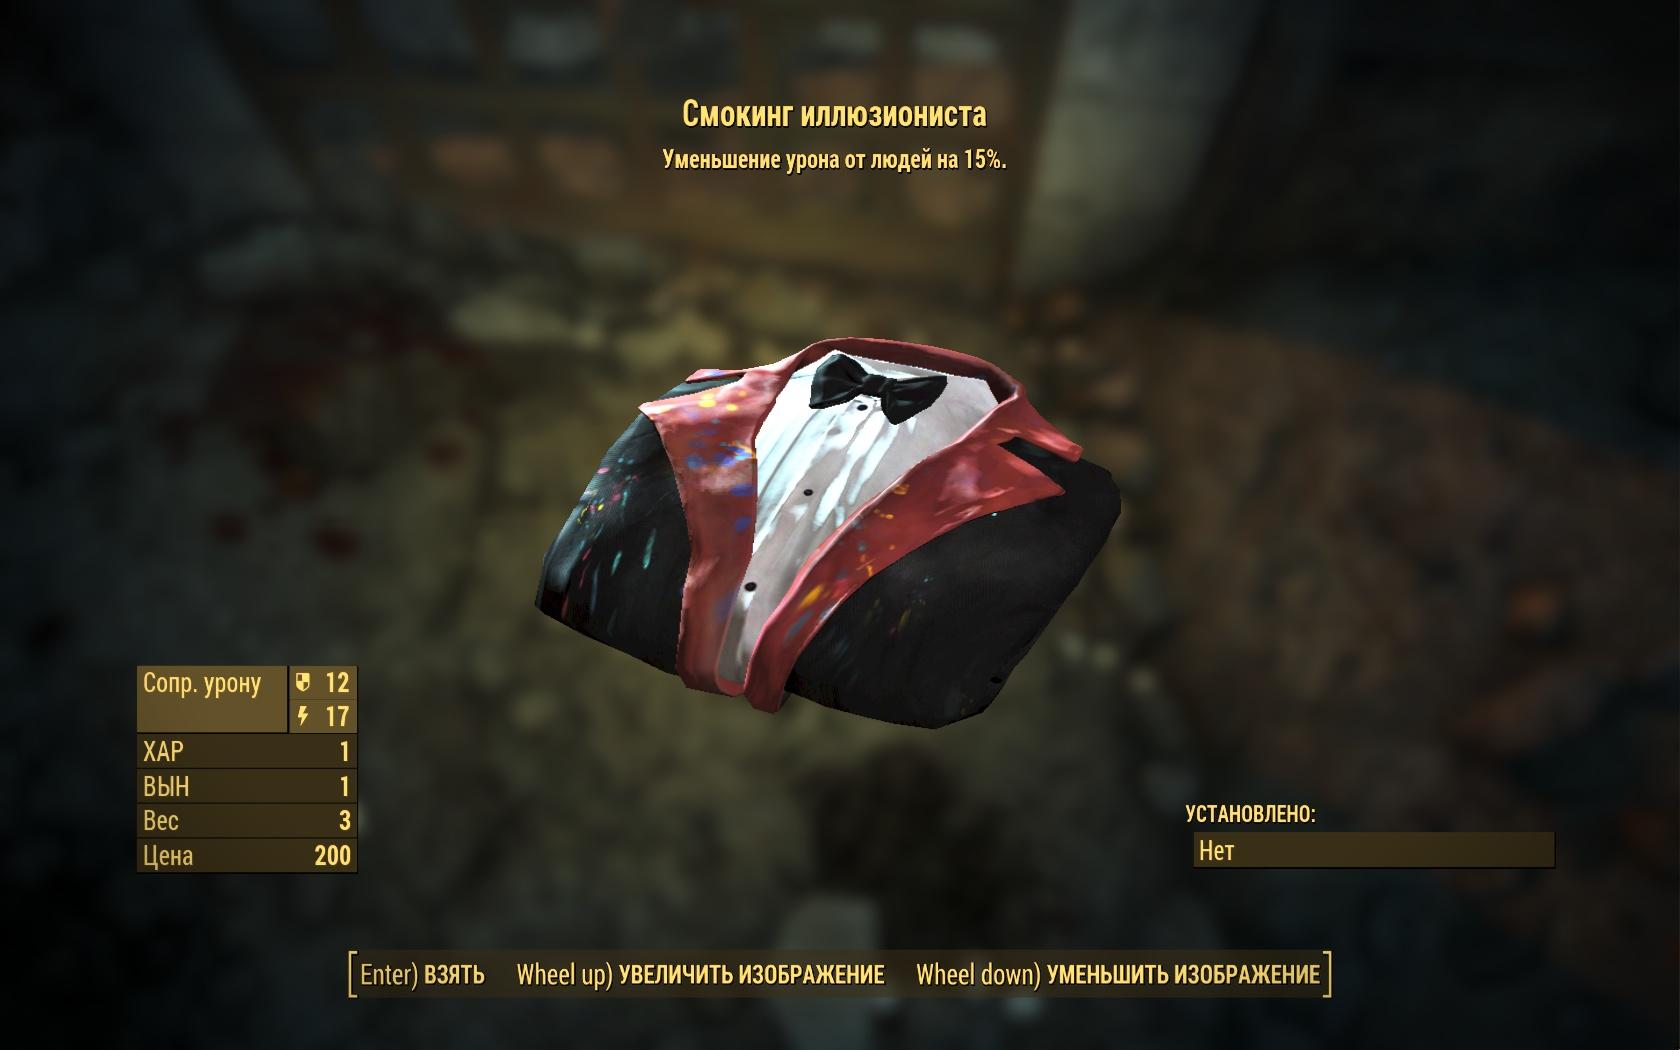 Смокинг иллюзиониста (Ядер-Мир, Двор Ядер-короля, снято с Освальда Шокирующего) - Fallout 4 Nuka World, иллюзионист, Освальд, Смокинг, Шокирующий, Ядер-Мир